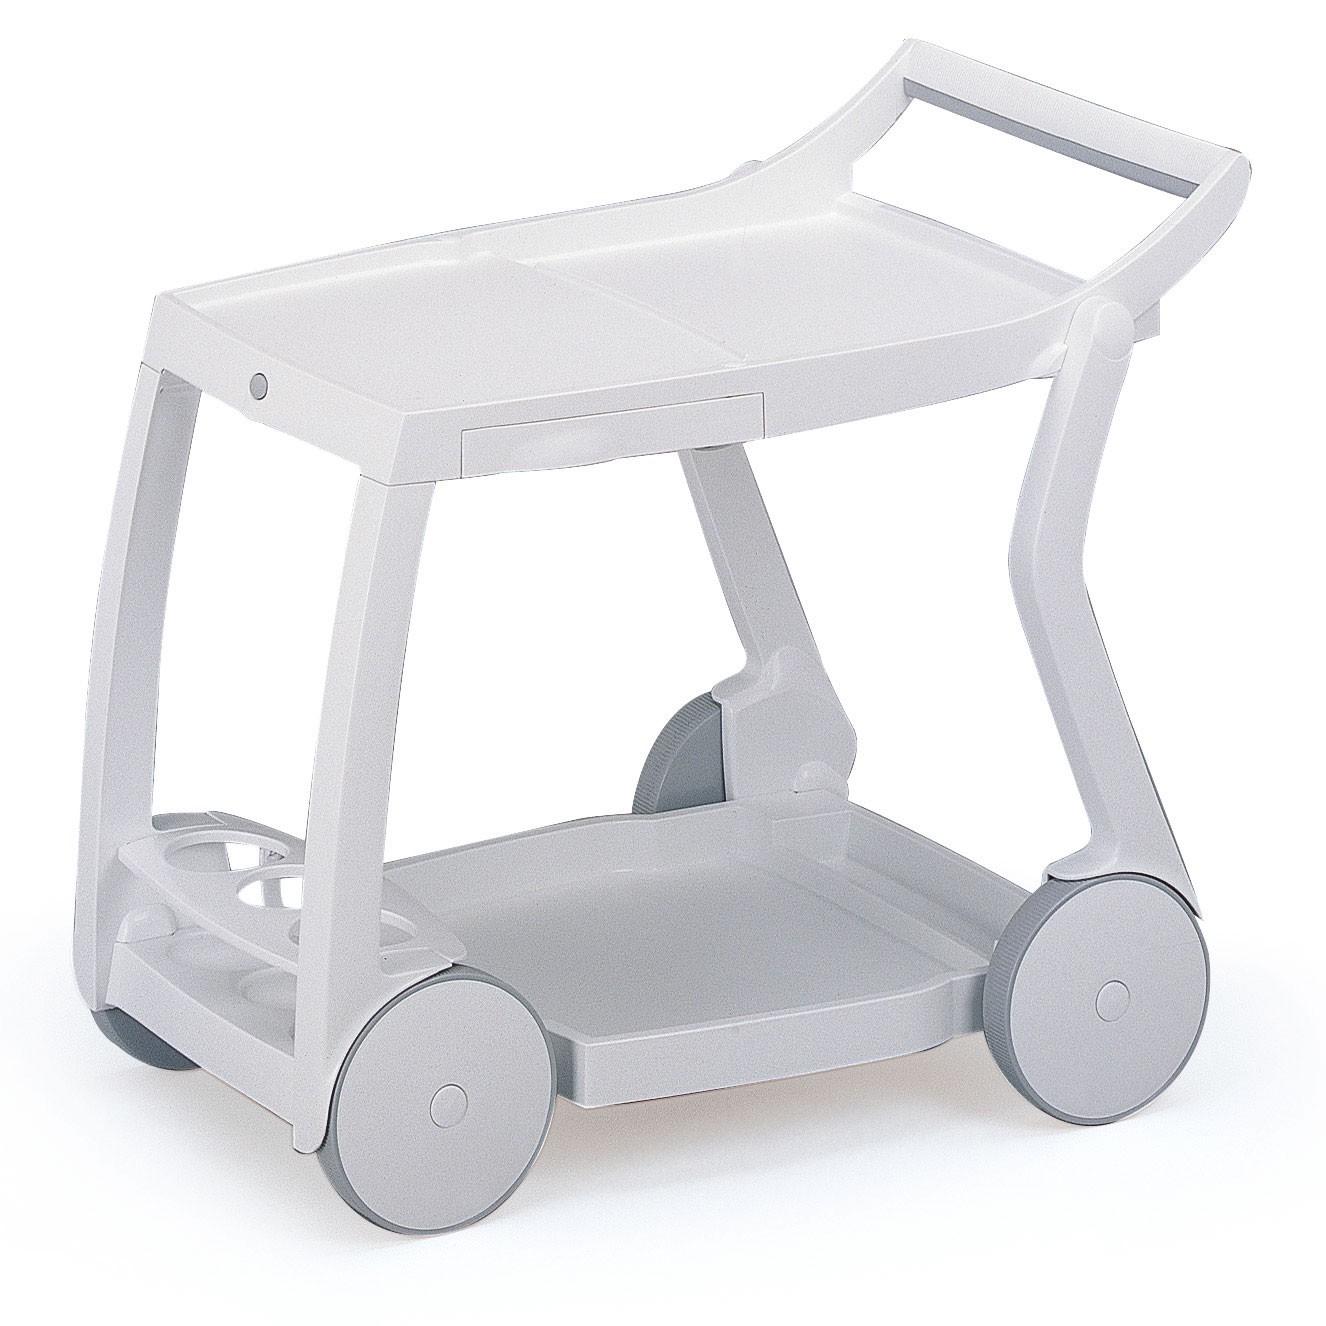 Servierwagen Galileo - vollklappbar - Kunststoff - Weiß, Best Freizeitmöbel